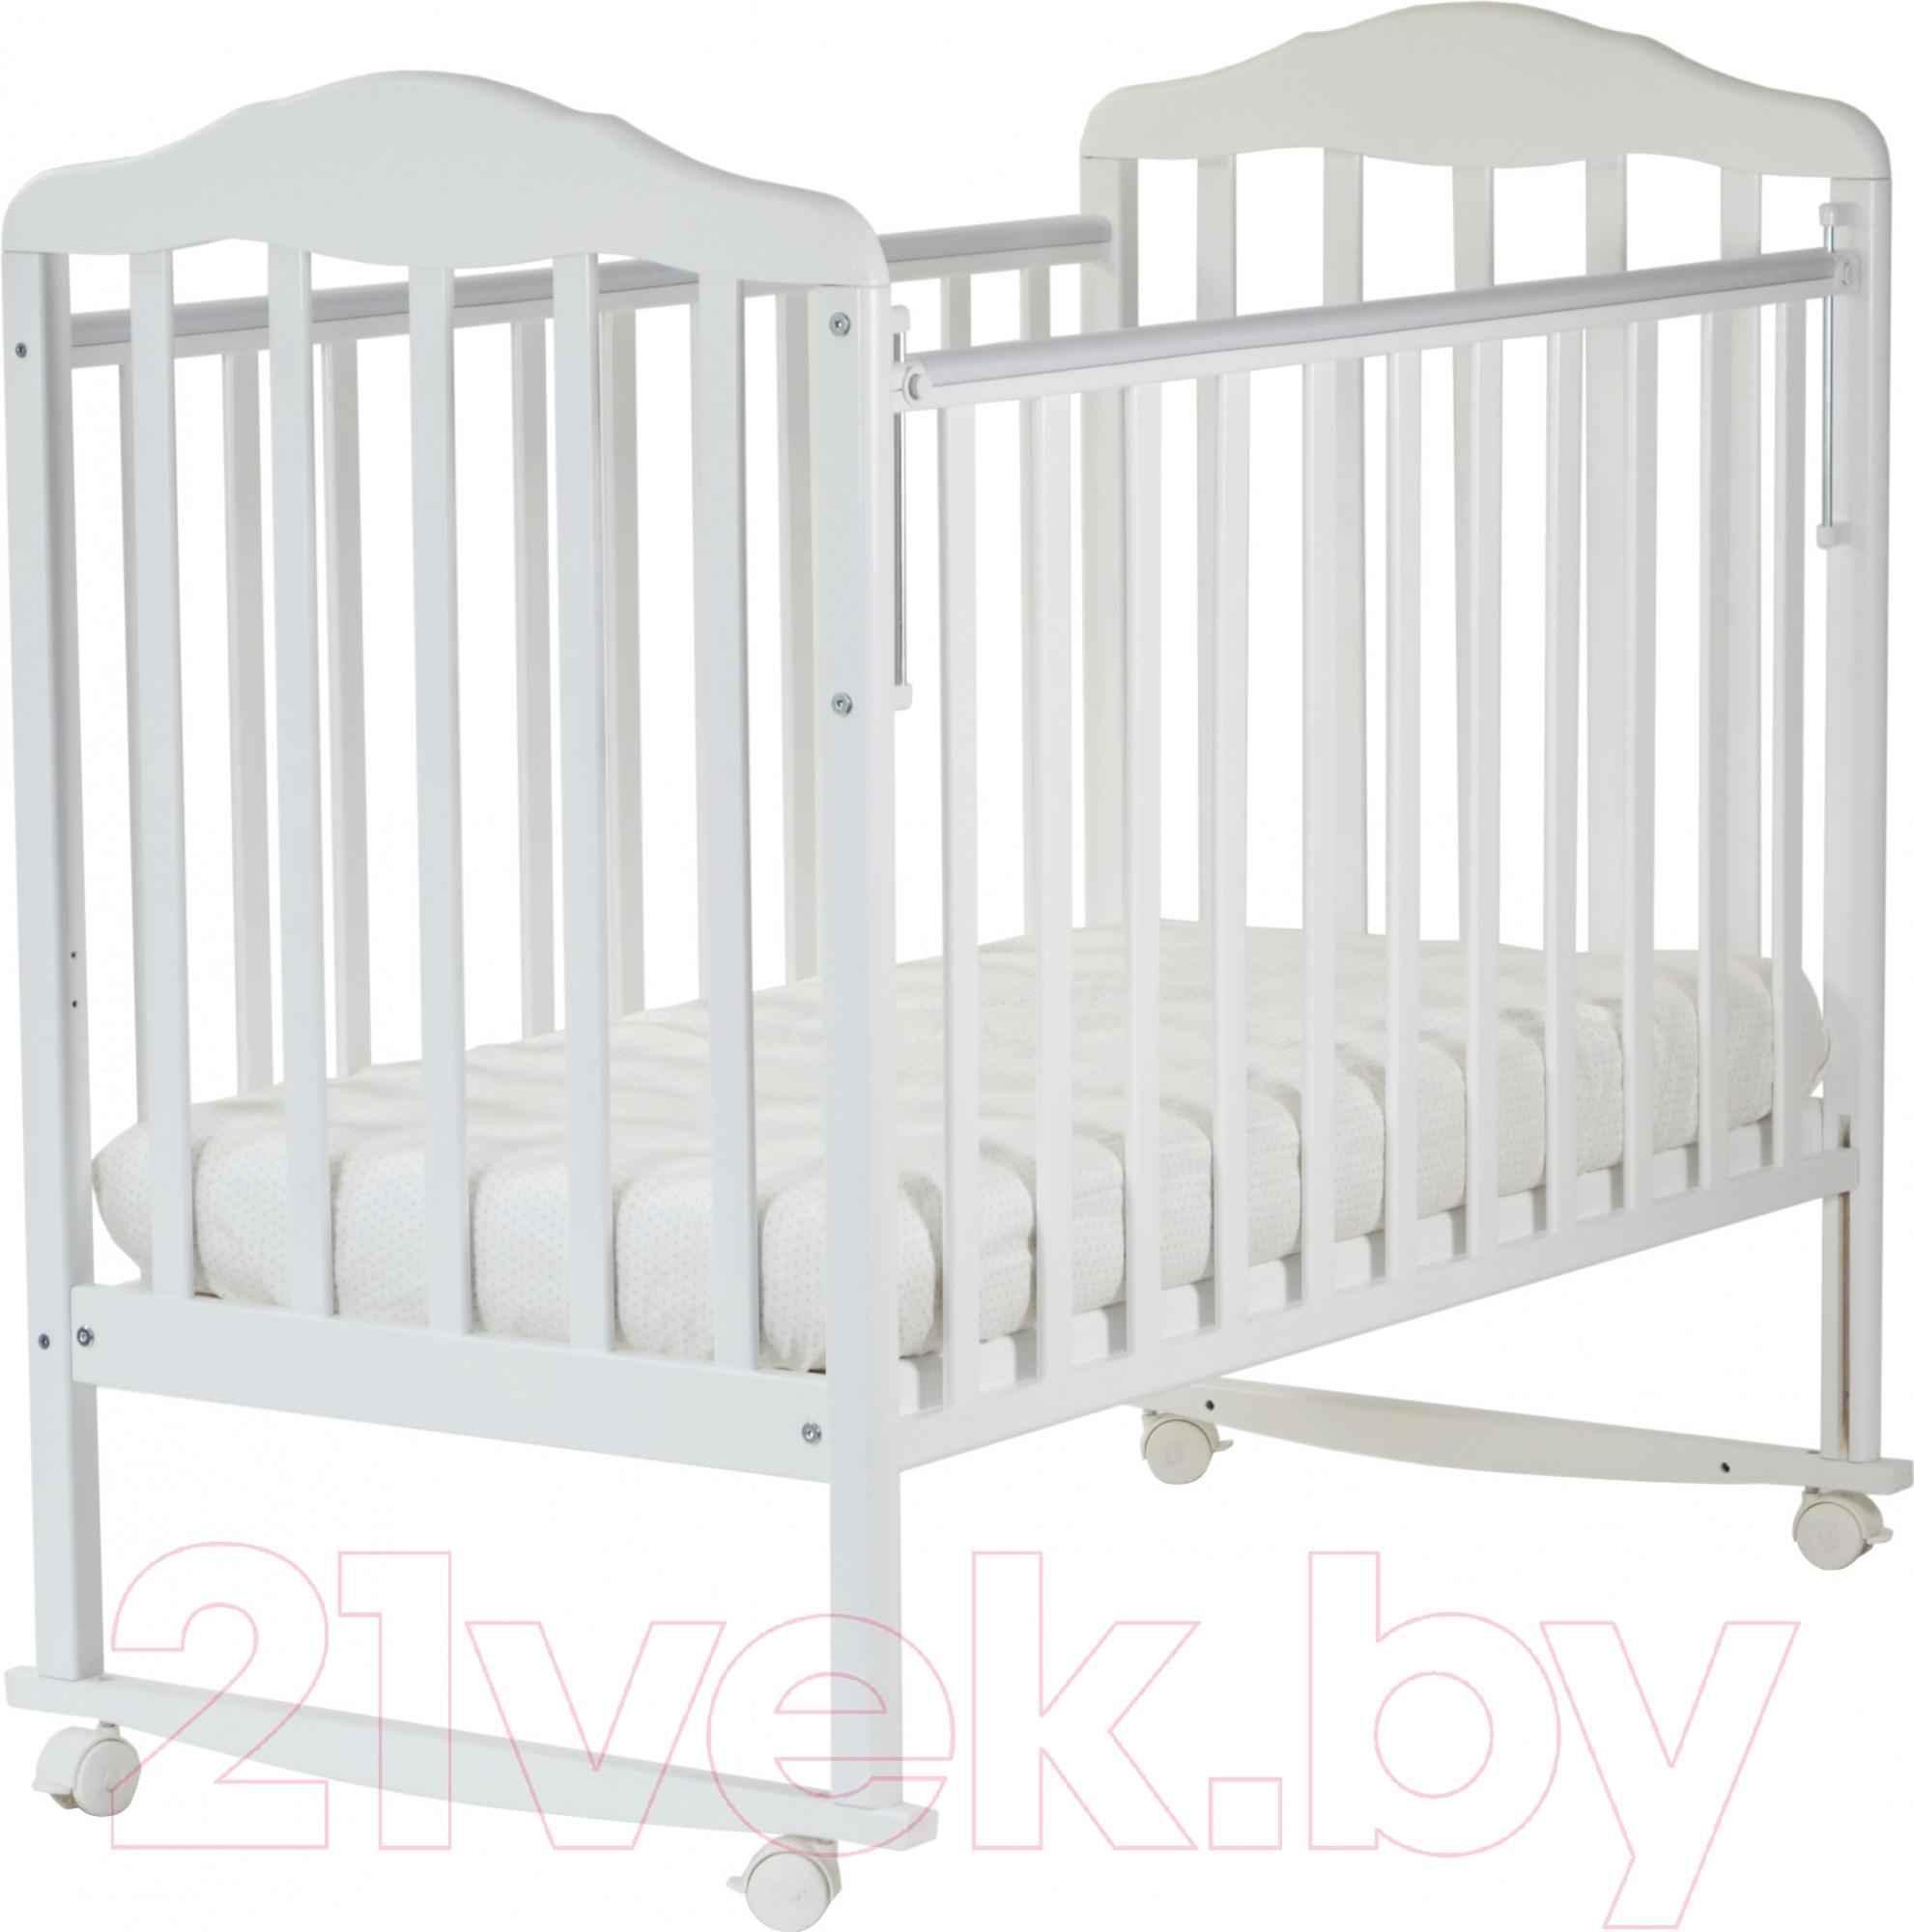 Купить Детская кроватка СКВ, Березка 120111 (белый), Россия, массив дерева